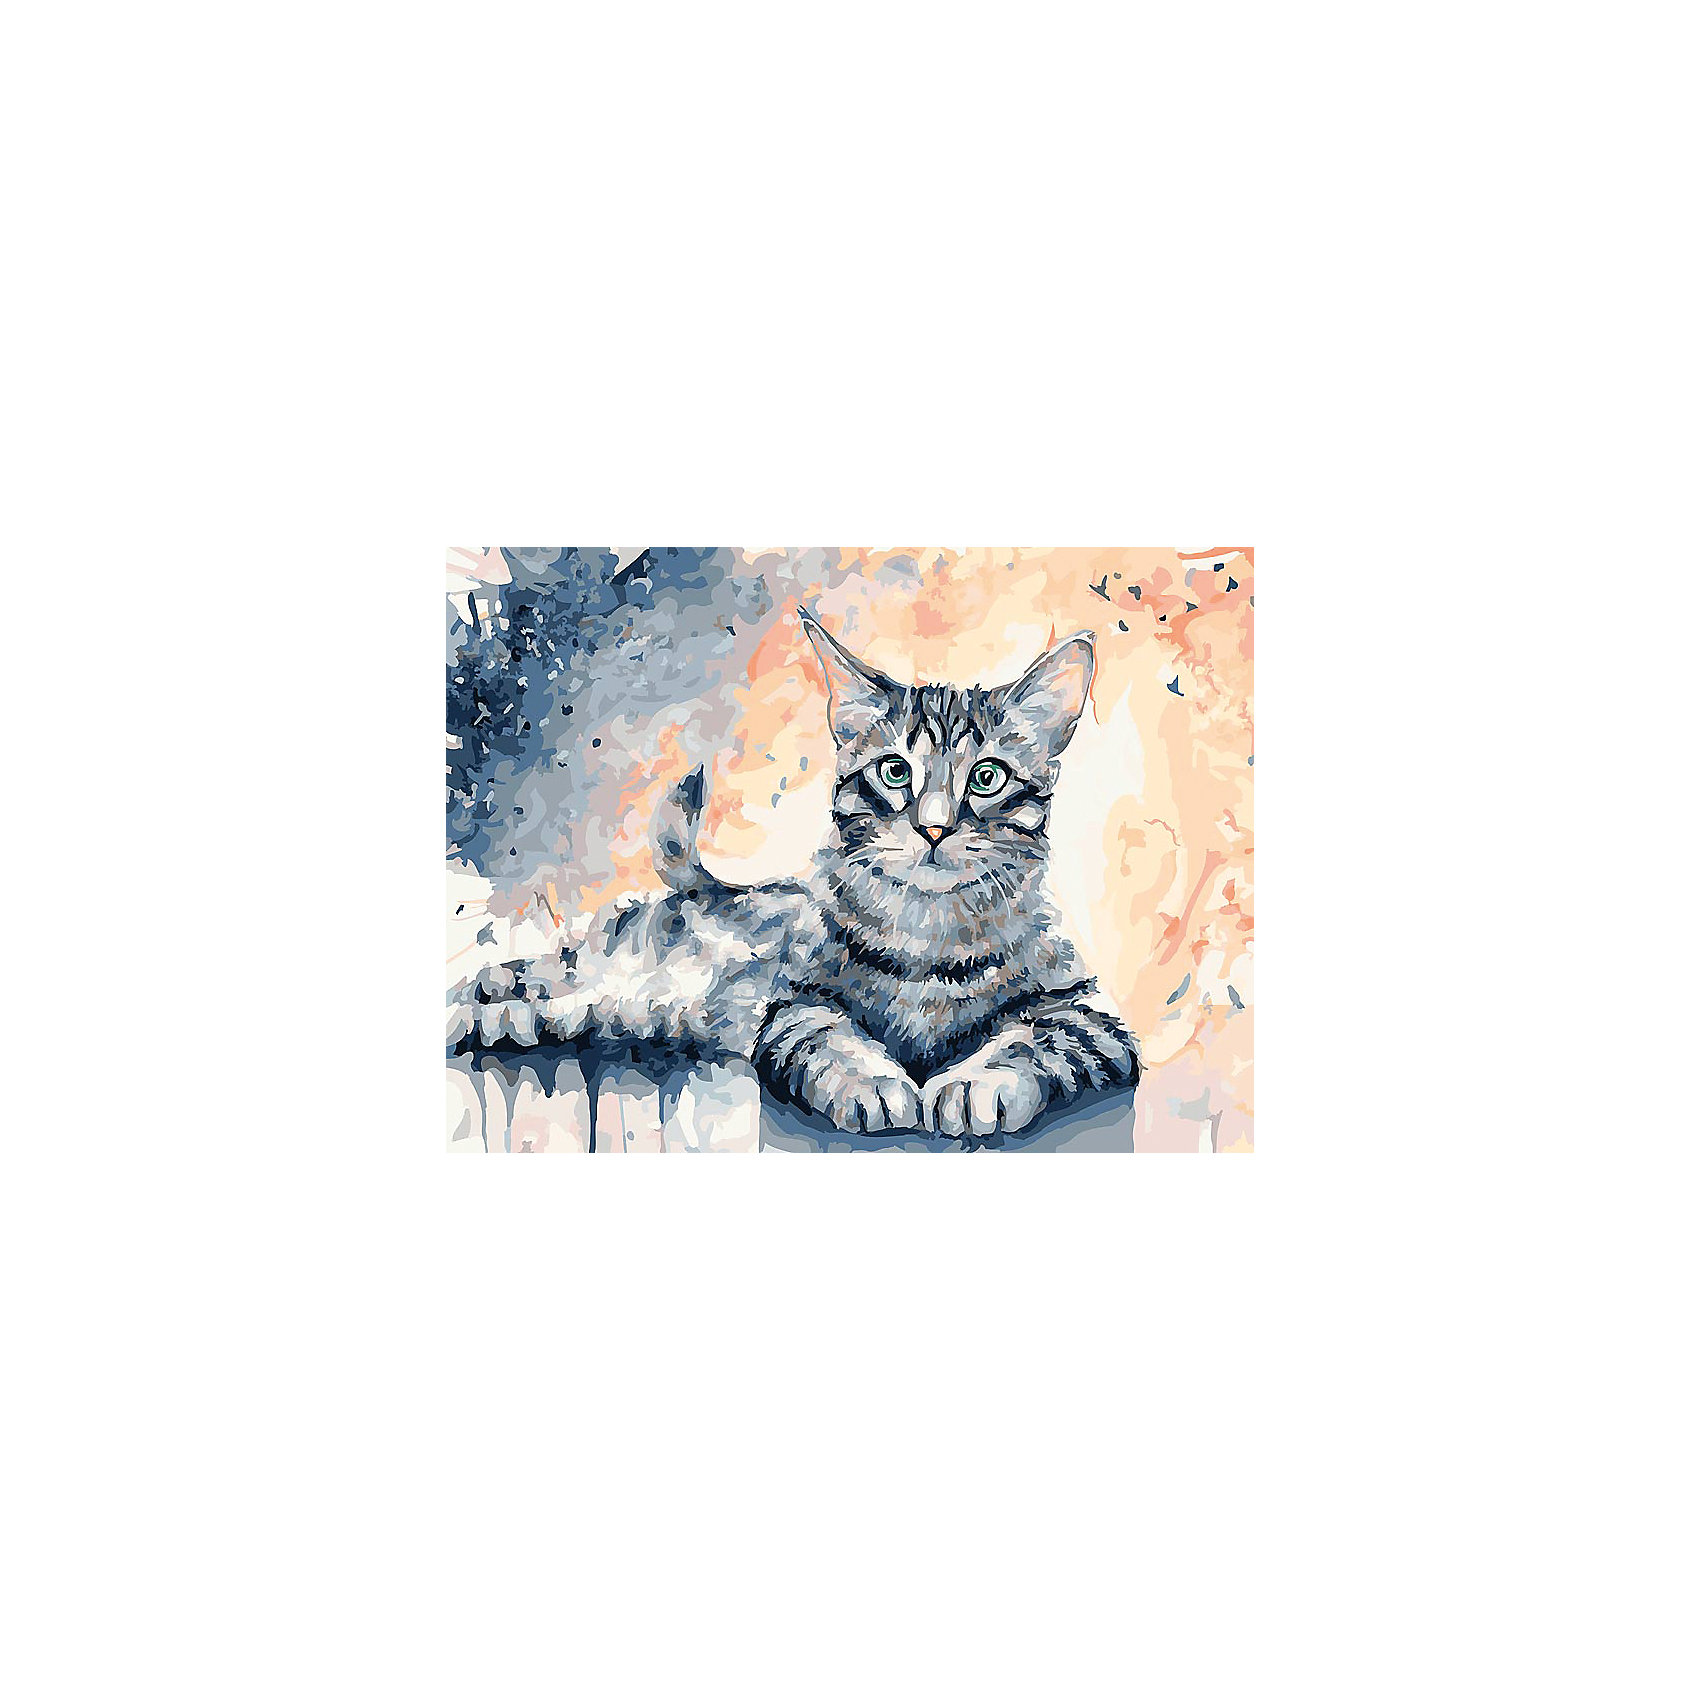 Живопись на холсте 30*40 см БарсикРисование<br>Характеристики товара:<br><br>• цвет: разноцветный<br>• материал: акрил, картон<br>• размер: 30 x 40 см<br>• комплектация: полотно на подрамнике с контурами рисунка, пробный лист с рисунком, набор акриловых красок, три кисти, крепление на стену для картины<br>• для детей от шести лет и взрослых<br>• не требует специальных навыков<br>• страна бренда: Китай<br>• страна изготовитель: Китай<br><br>Как с удовольствием и пользой провести время? Порисовать! Это занятие, которое любят многие дети и взрослые. Рисование помогает развить важные навыки и просто приносит удовольствие! Чтобы вселить в ребенка уверенность в своих силах, можно предложить ему этот набор - в нем уже есть сюжет, контуры рисунка и участки с номерами, которые обозначают определенную краску из набора. Все оттенки уже готовы, задача художника - аккуратно, с помощью кисточек из набора, нанести краски на определенный участок полотна.<br>Взрослым также понравится этот процесс, рисовать можно и вместе с малышом! В итоге получается красивая картина, которой можно украсить интерьер. Рисование способствует развитию мелкой моторики, воображения, цветовосприятия, творческих способностей и усидчивости. Набор отлично проработан, сделан из качественных и проверенных материалов, которые безопасны для детей. Краски - акриловые, они быстро сохнут и легко смываются с кожи.<br><br>Живопись на холсте 30*40 см Барсик от торговой марки Белоснежка можно купить в нашем интернет-магазине.<br><br>Ширина мм: 410<br>Глубина мм: 310<br>Высота мм: 25<br>Вес г: 567<br>Возраст от месяцев: 72<br>Возраст до месяцев: 144<br>Пол: Унисекс<br>Возраст: Детский<br>SKU: 5089668